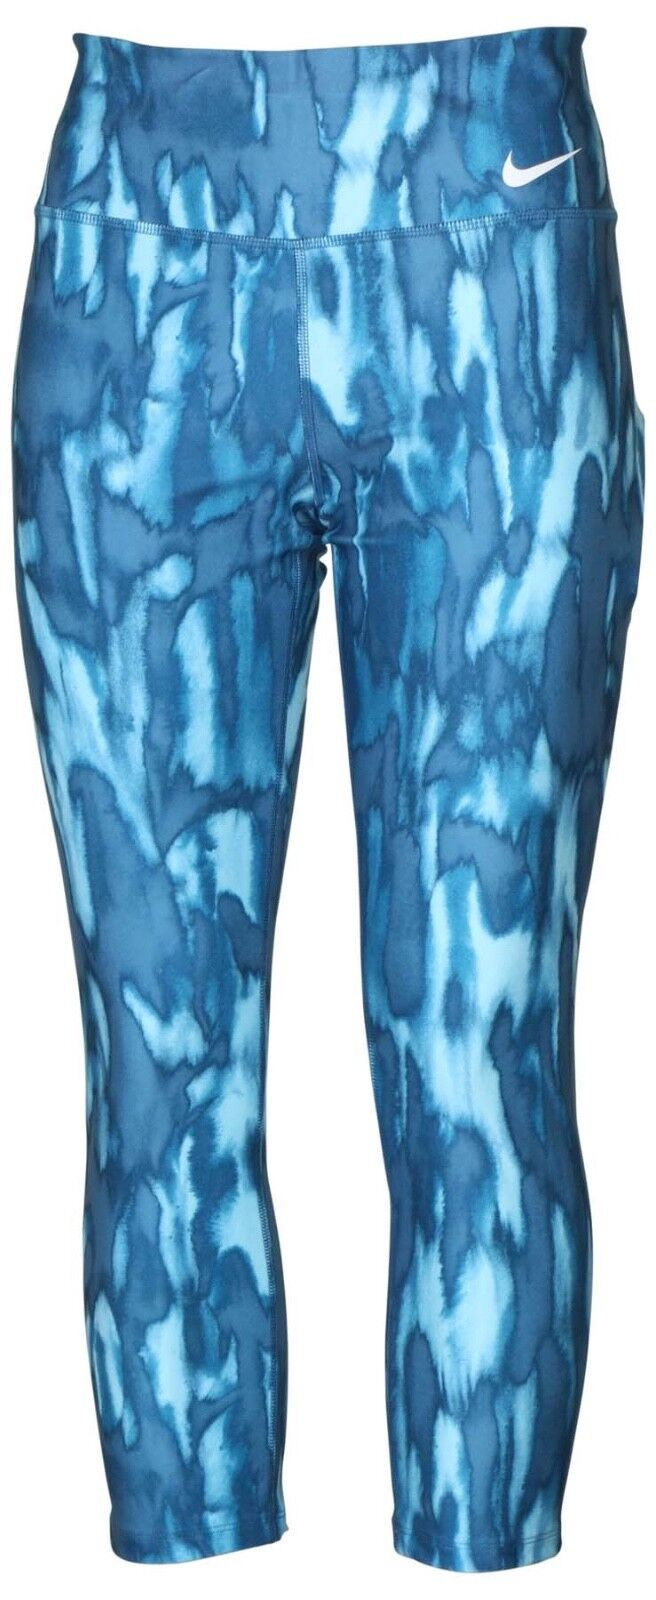 NIKE DRI-FIT WOMEN'S LEGEND TRAINING CROP PANTS blueE 833747 457 SIZE S